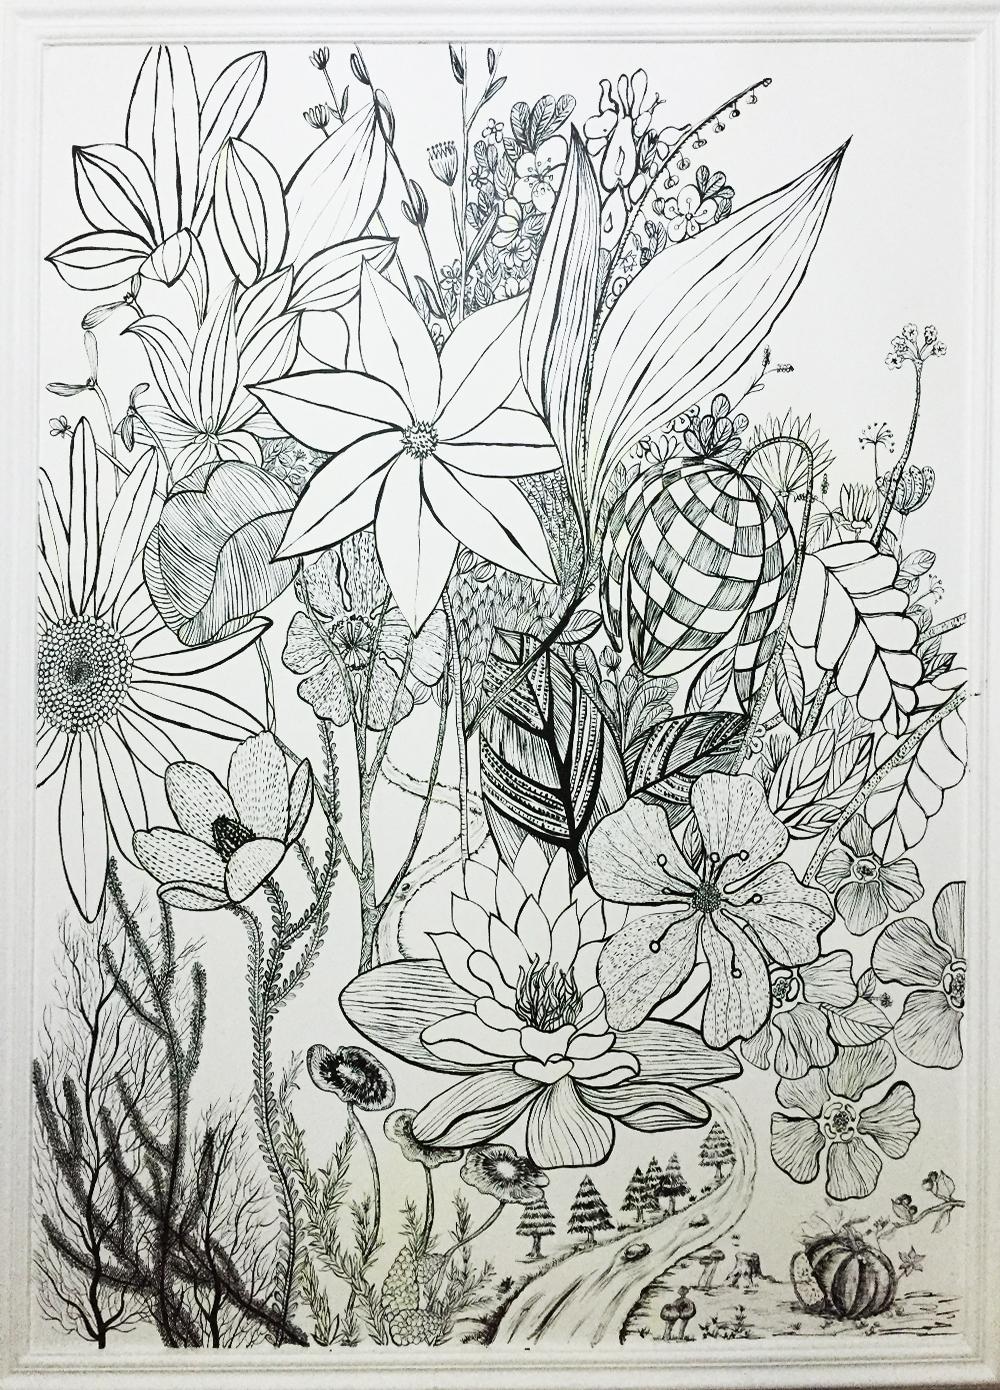 手绘线条|插画|插画习作|queenazhu - 原创作品